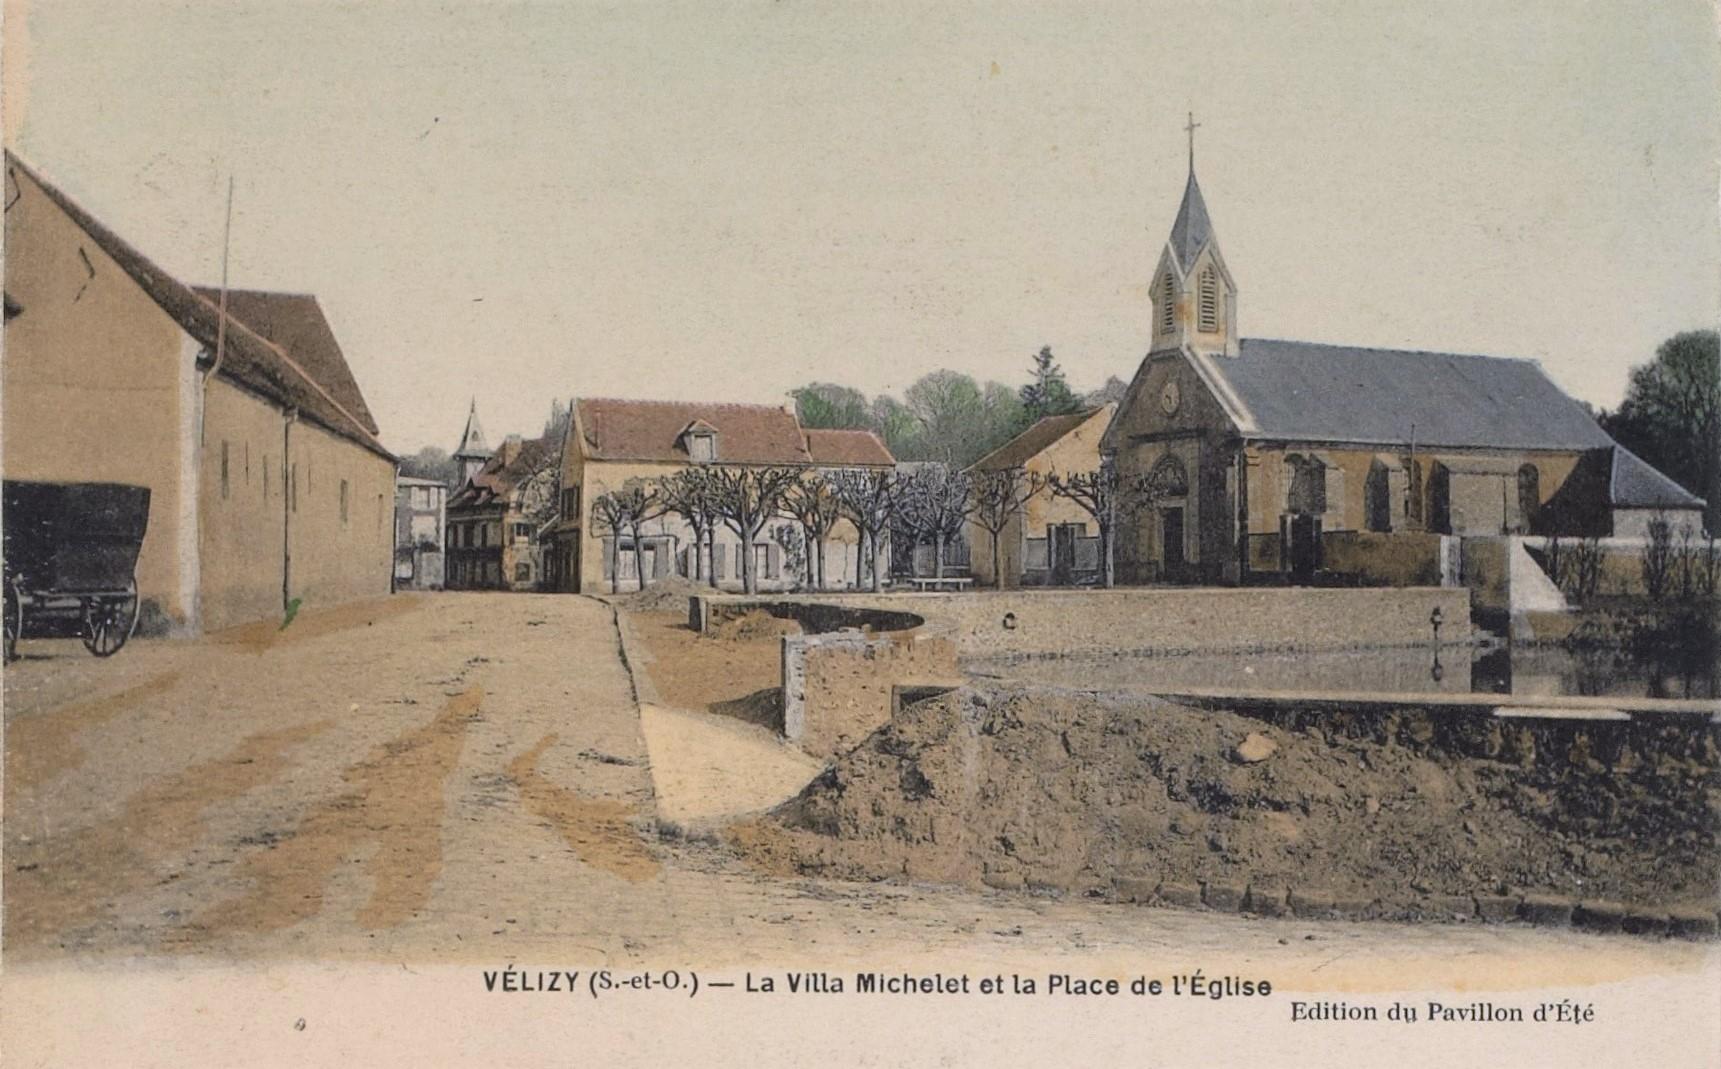 La Villa Michelet et la Place de l'Église.